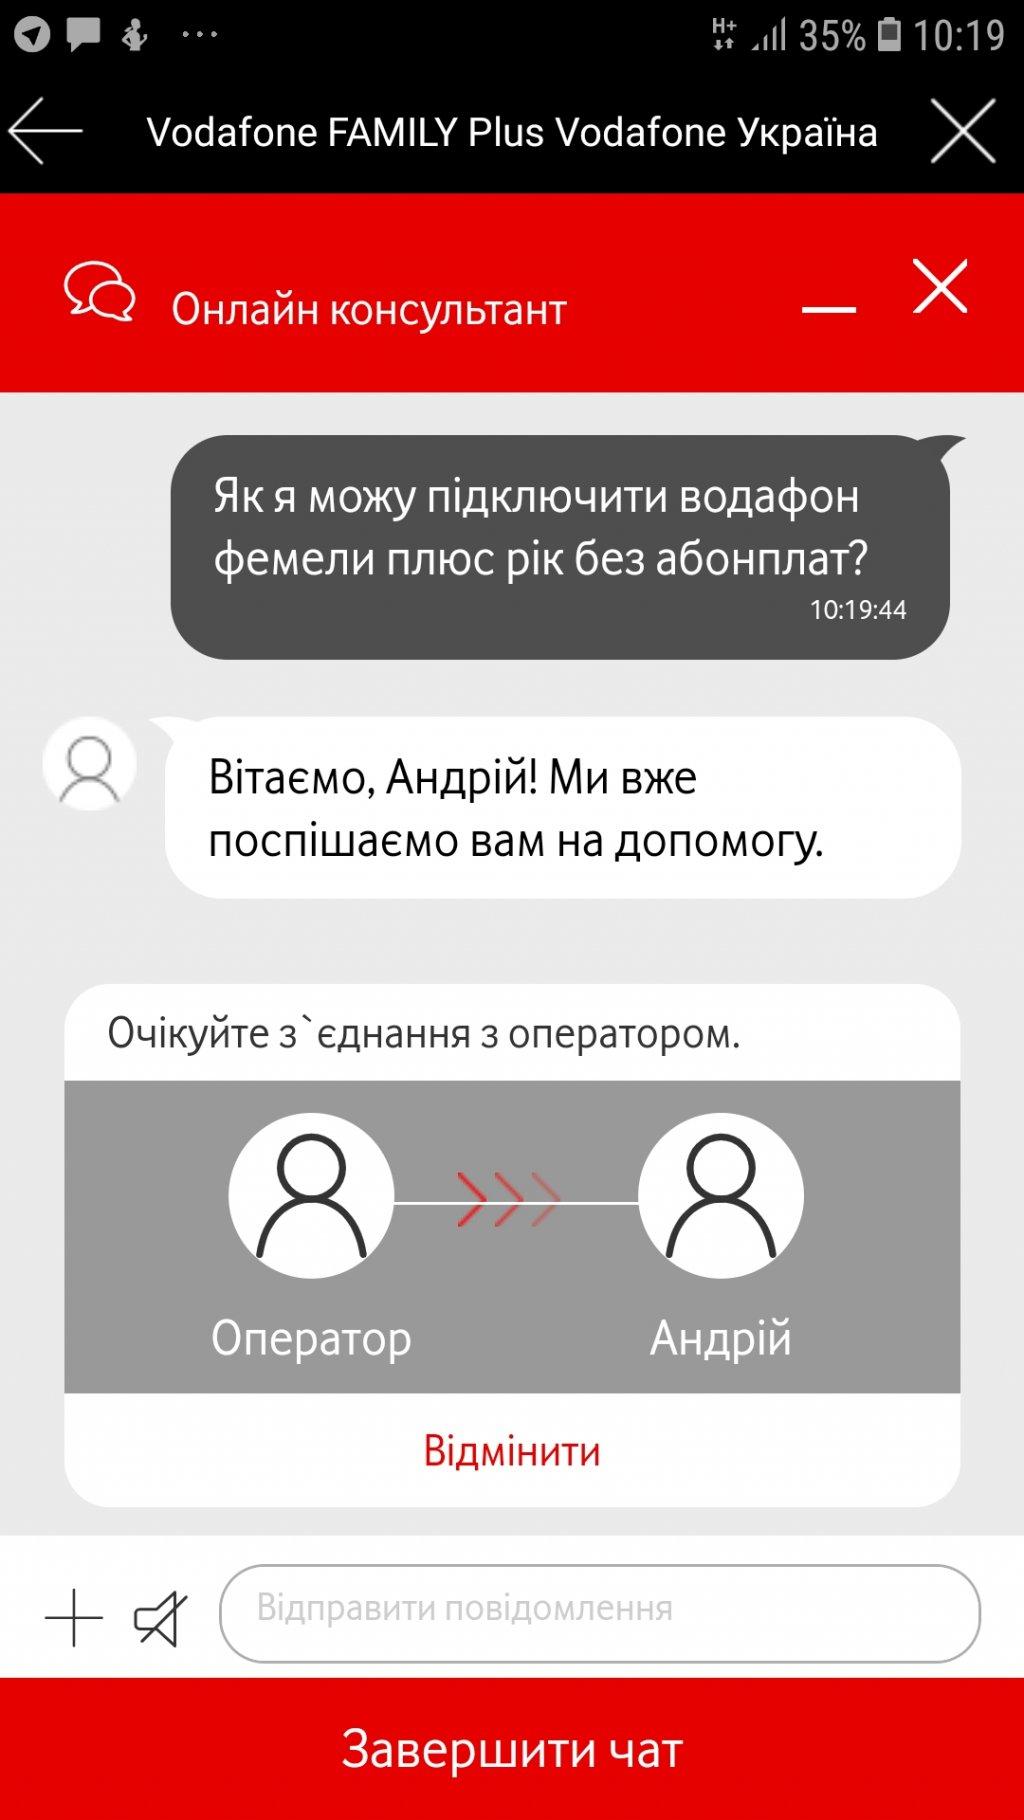 Vodafone Украина - И пару слов про приложение